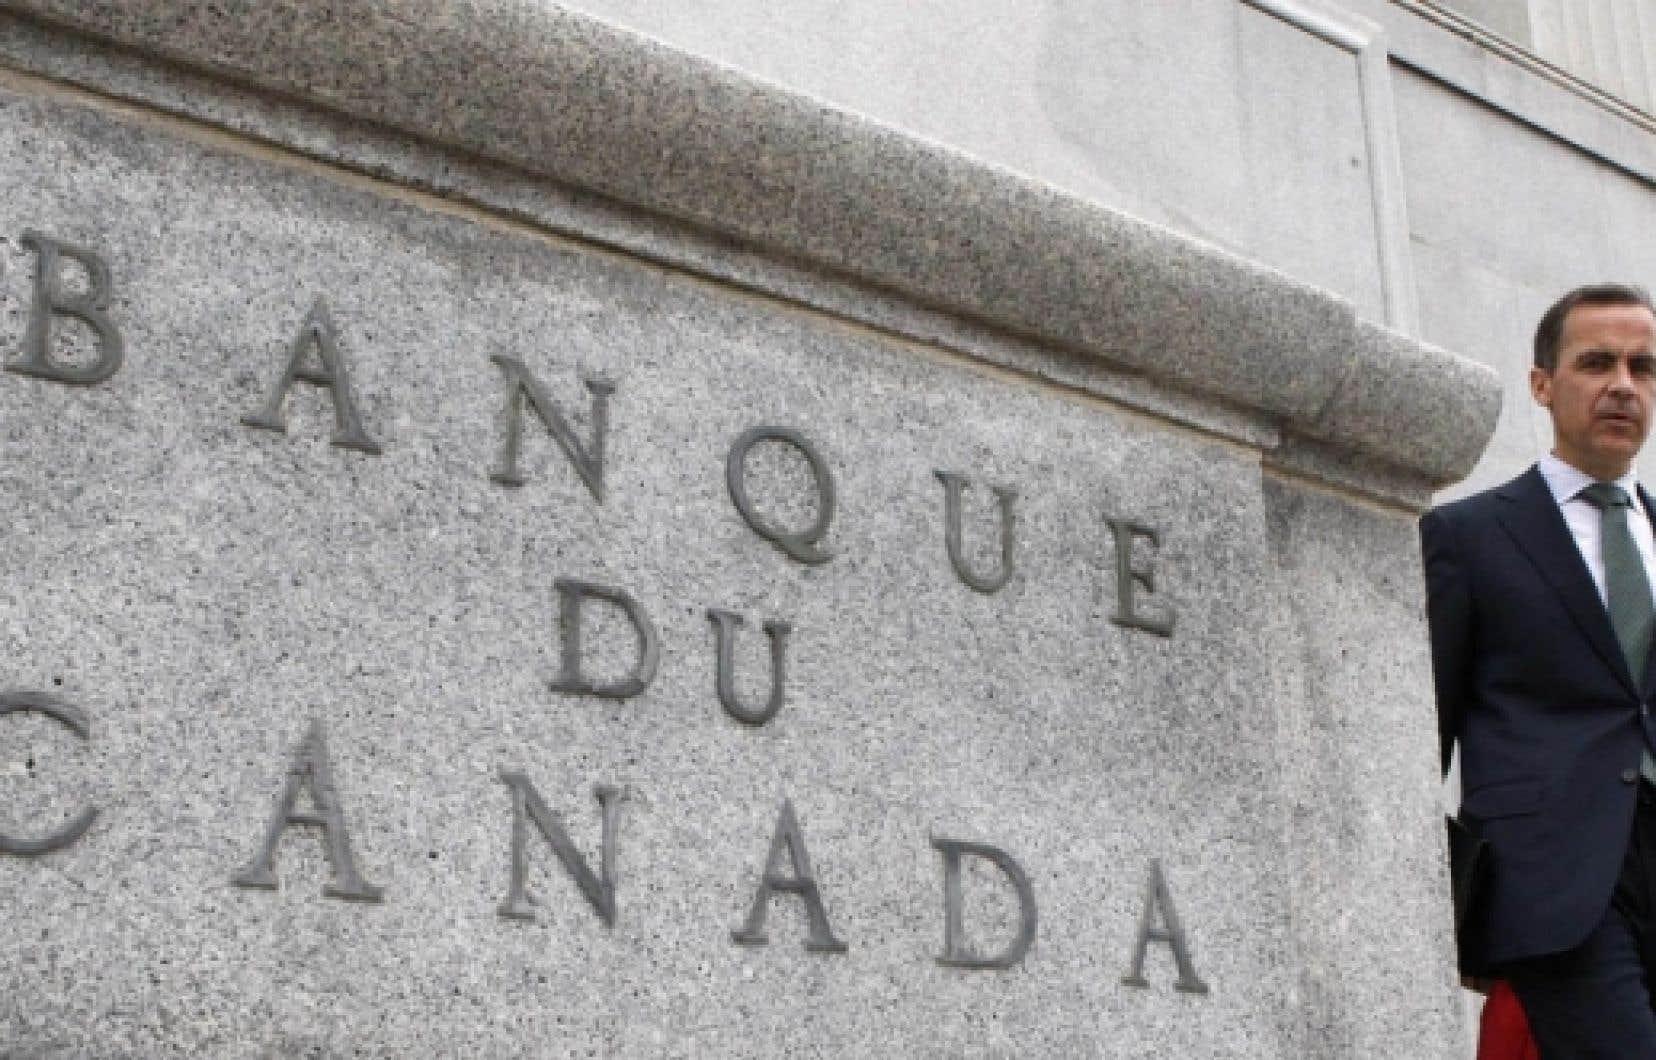 Des analystes s'attendent à ce que le gouverneur de la Banque du Canada, Mark Carney, lance une série de hausses de ses taux dès le 1er juin.